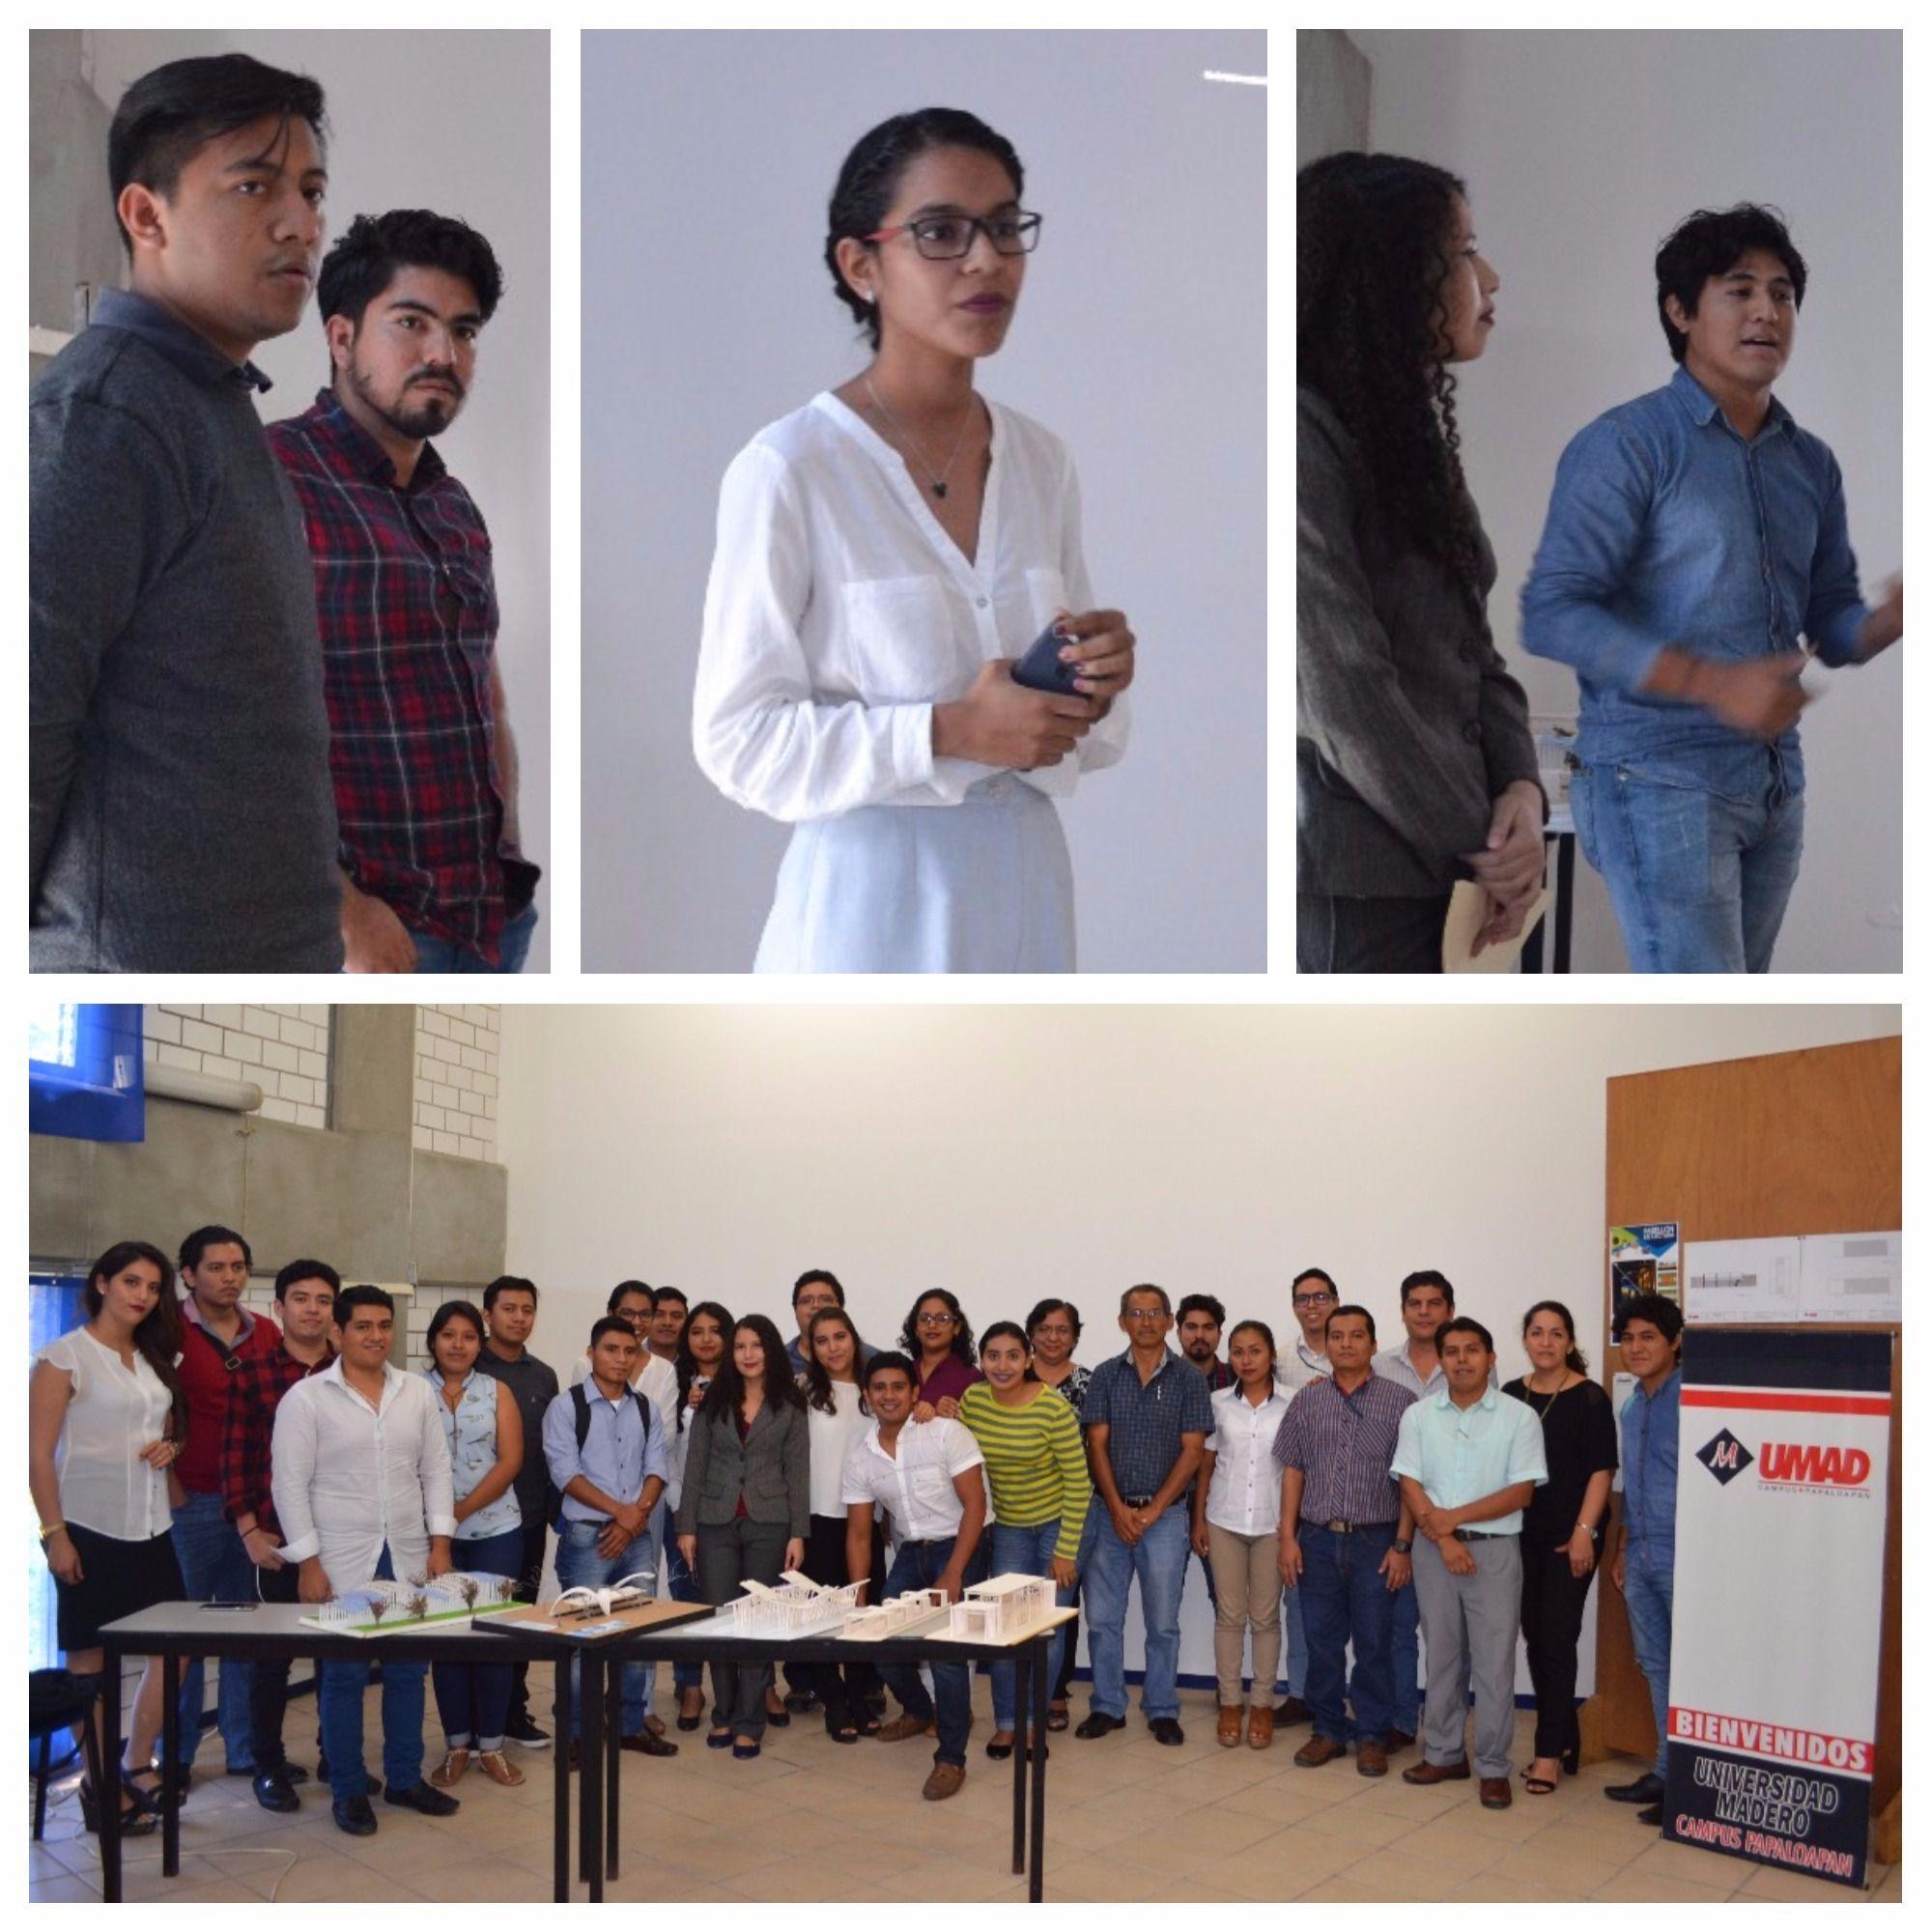 Alumnos de Arquitectura de UMAD Papaloapan desarrollan proyectos para edificar un Pabellón de lectura en el Parque central de Tuxtepec